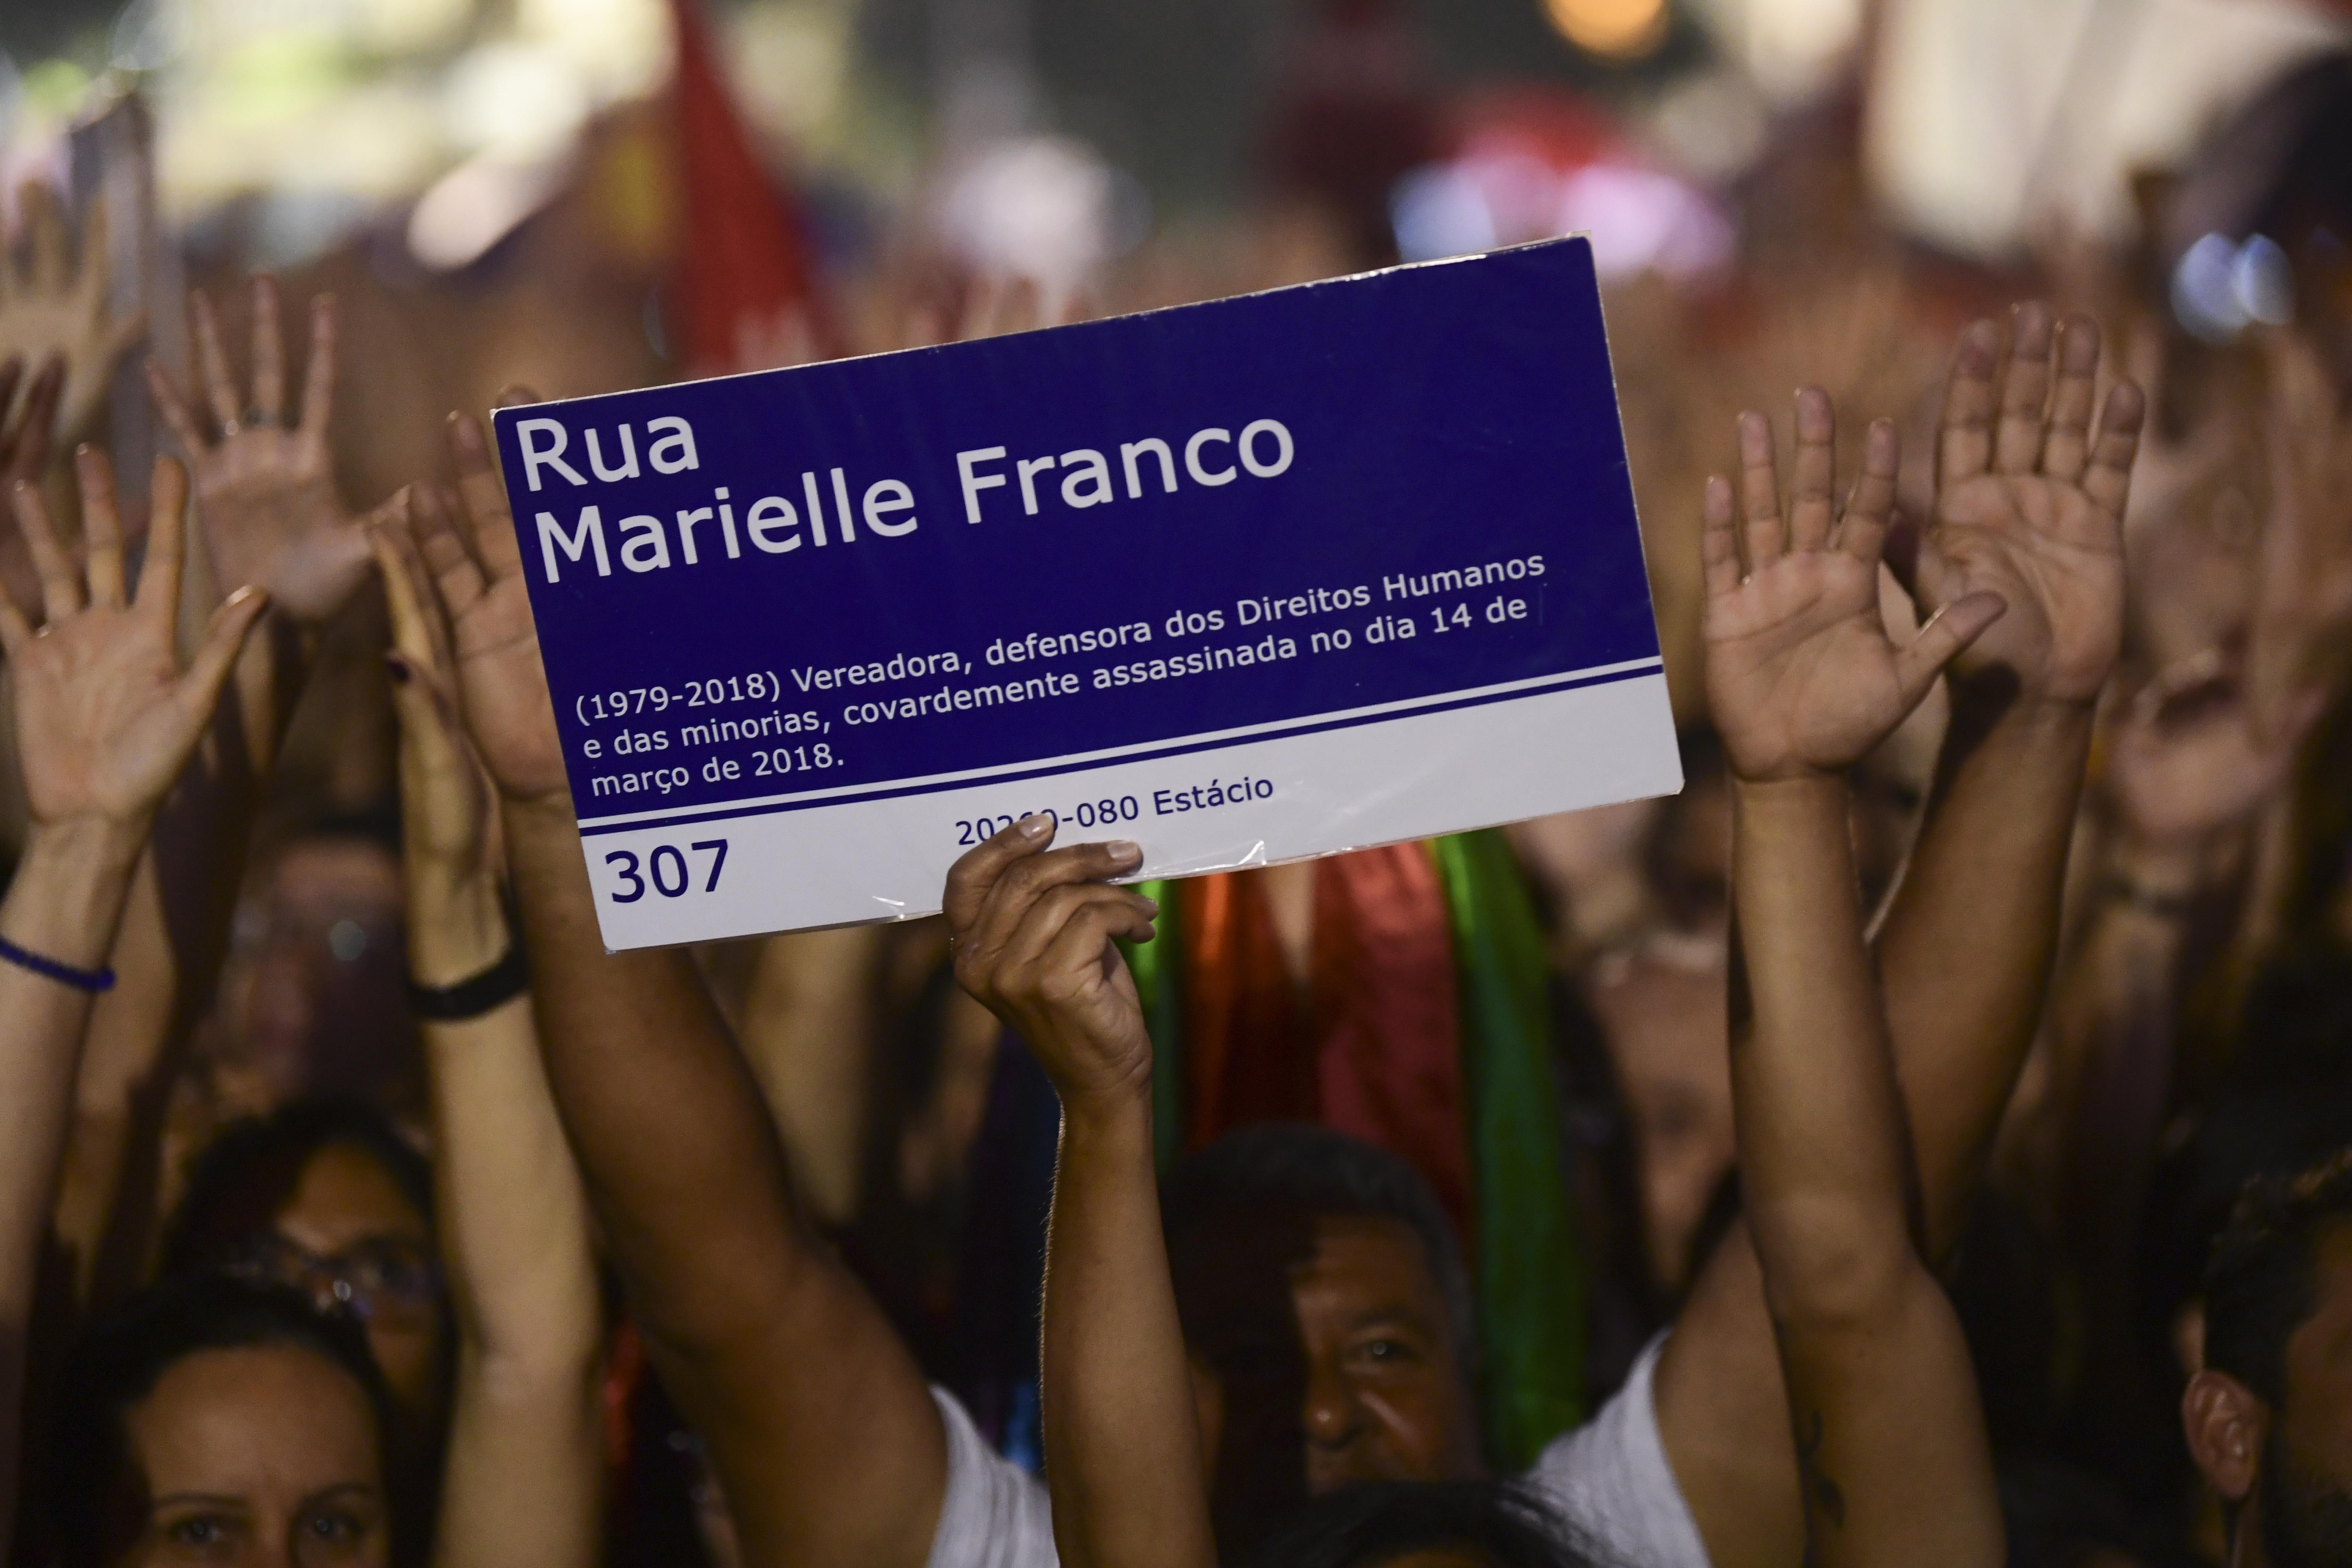 O candidato presidencial Fernando Haddad segura placa escrita Rua Marielle Franco durante a campanha no dia 23 de outubro de 2018.